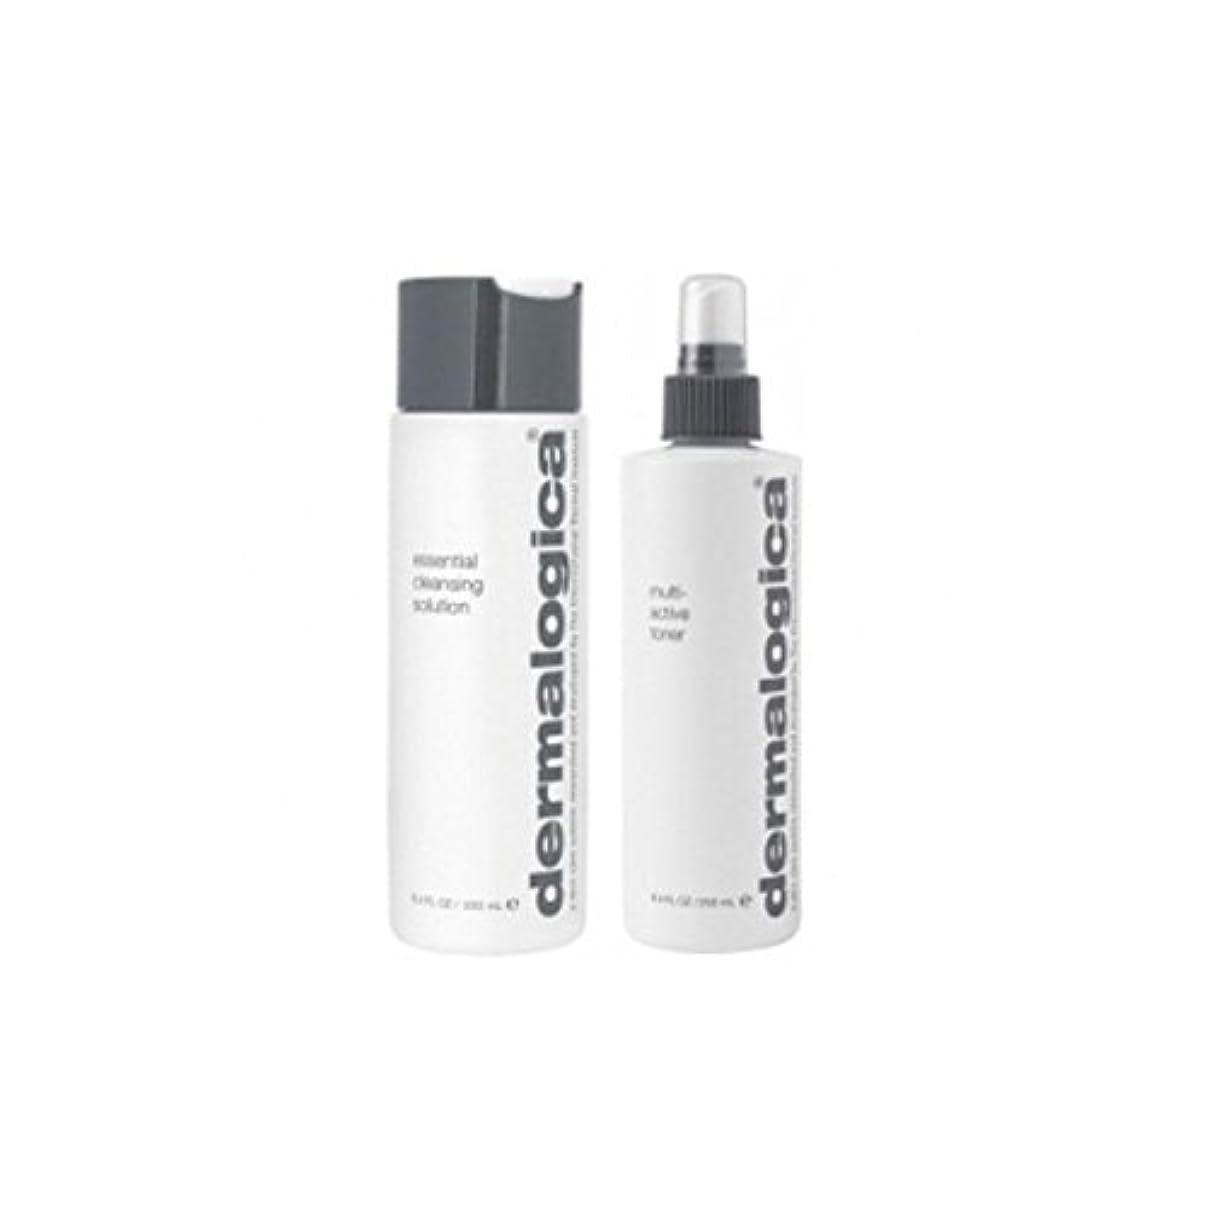 枝降臨敬意を表してDermalogica Cleanse & Tone Duo - Dry Skin - ダーマロジカクレンジング&トーンデュオ - 乾燥肌 [並行輸入品]